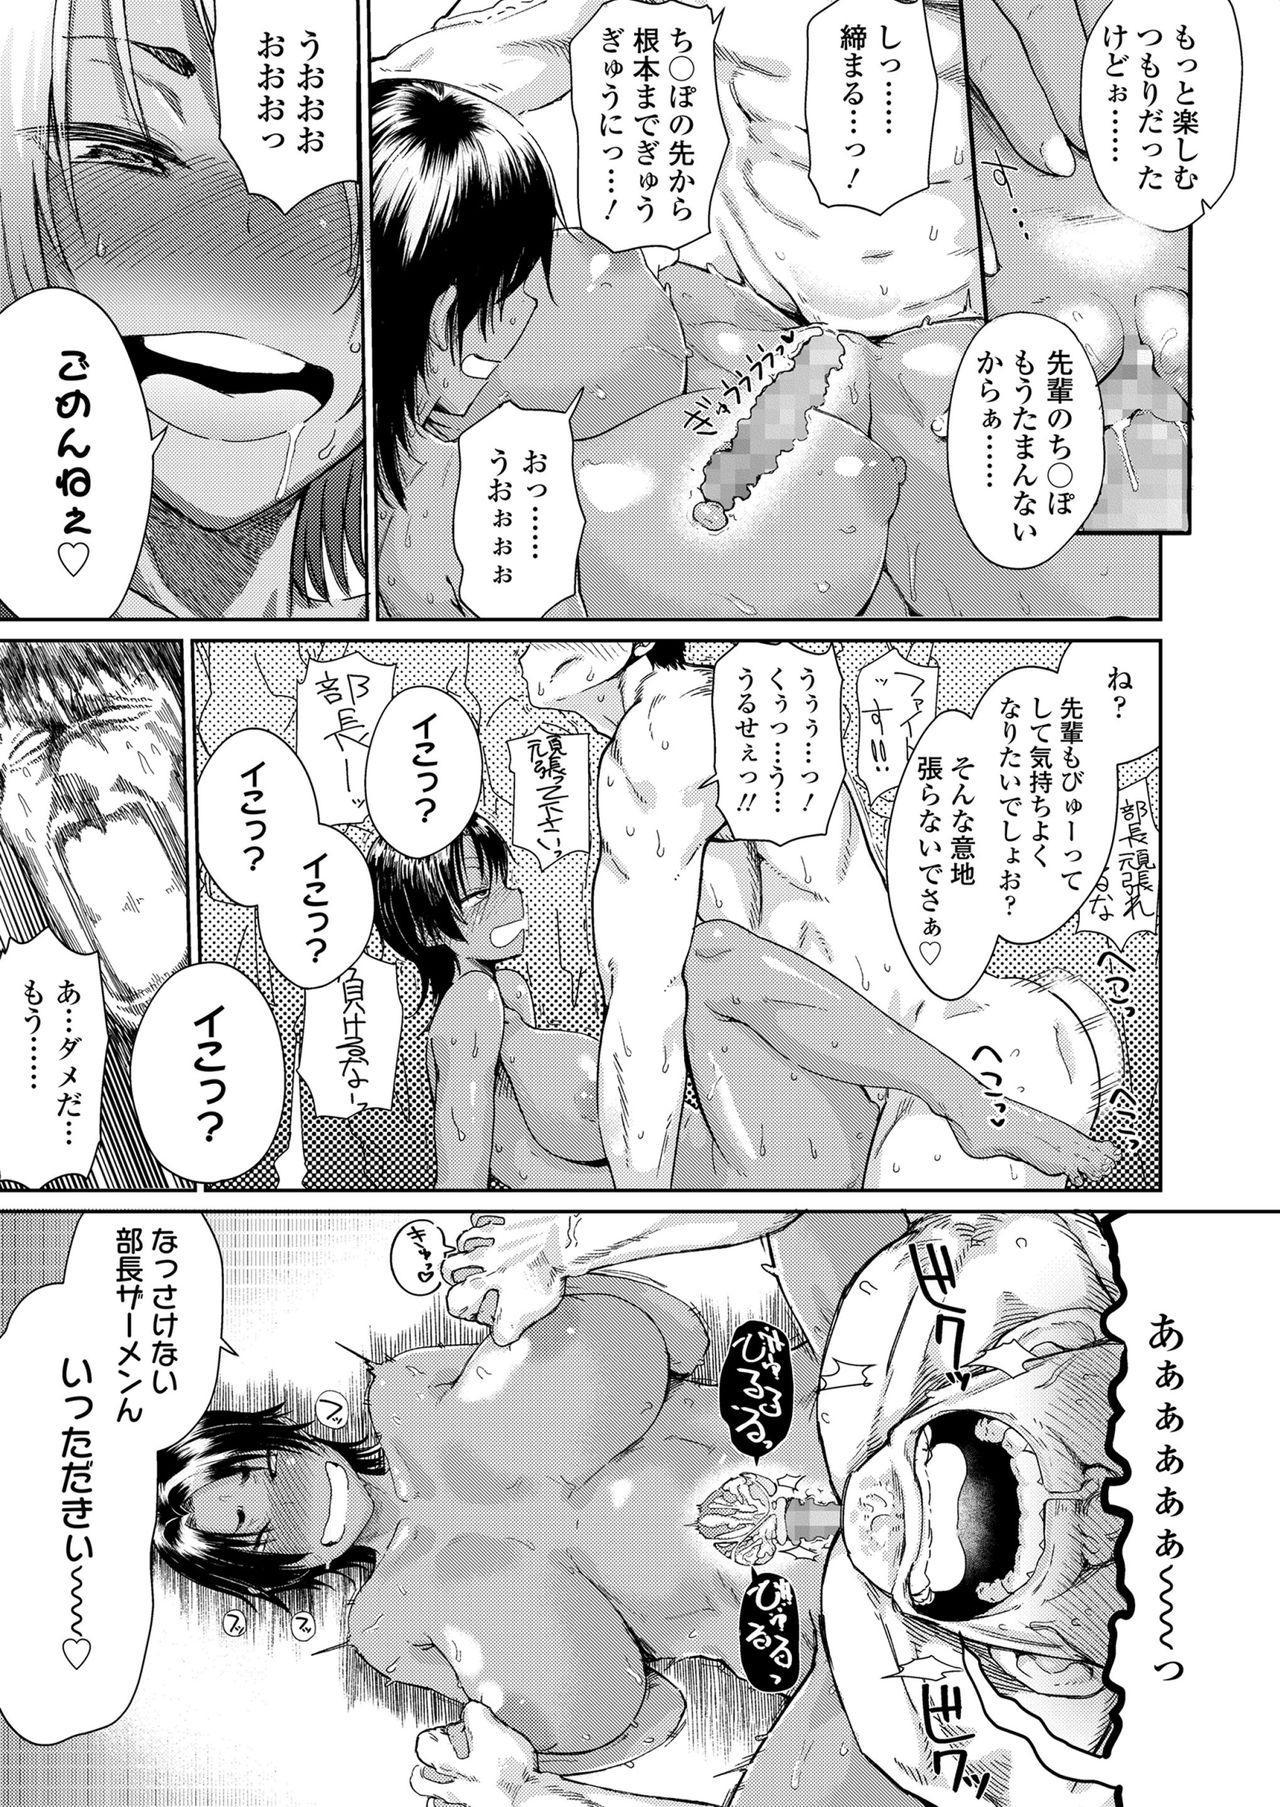 Amai Kajitsu 64